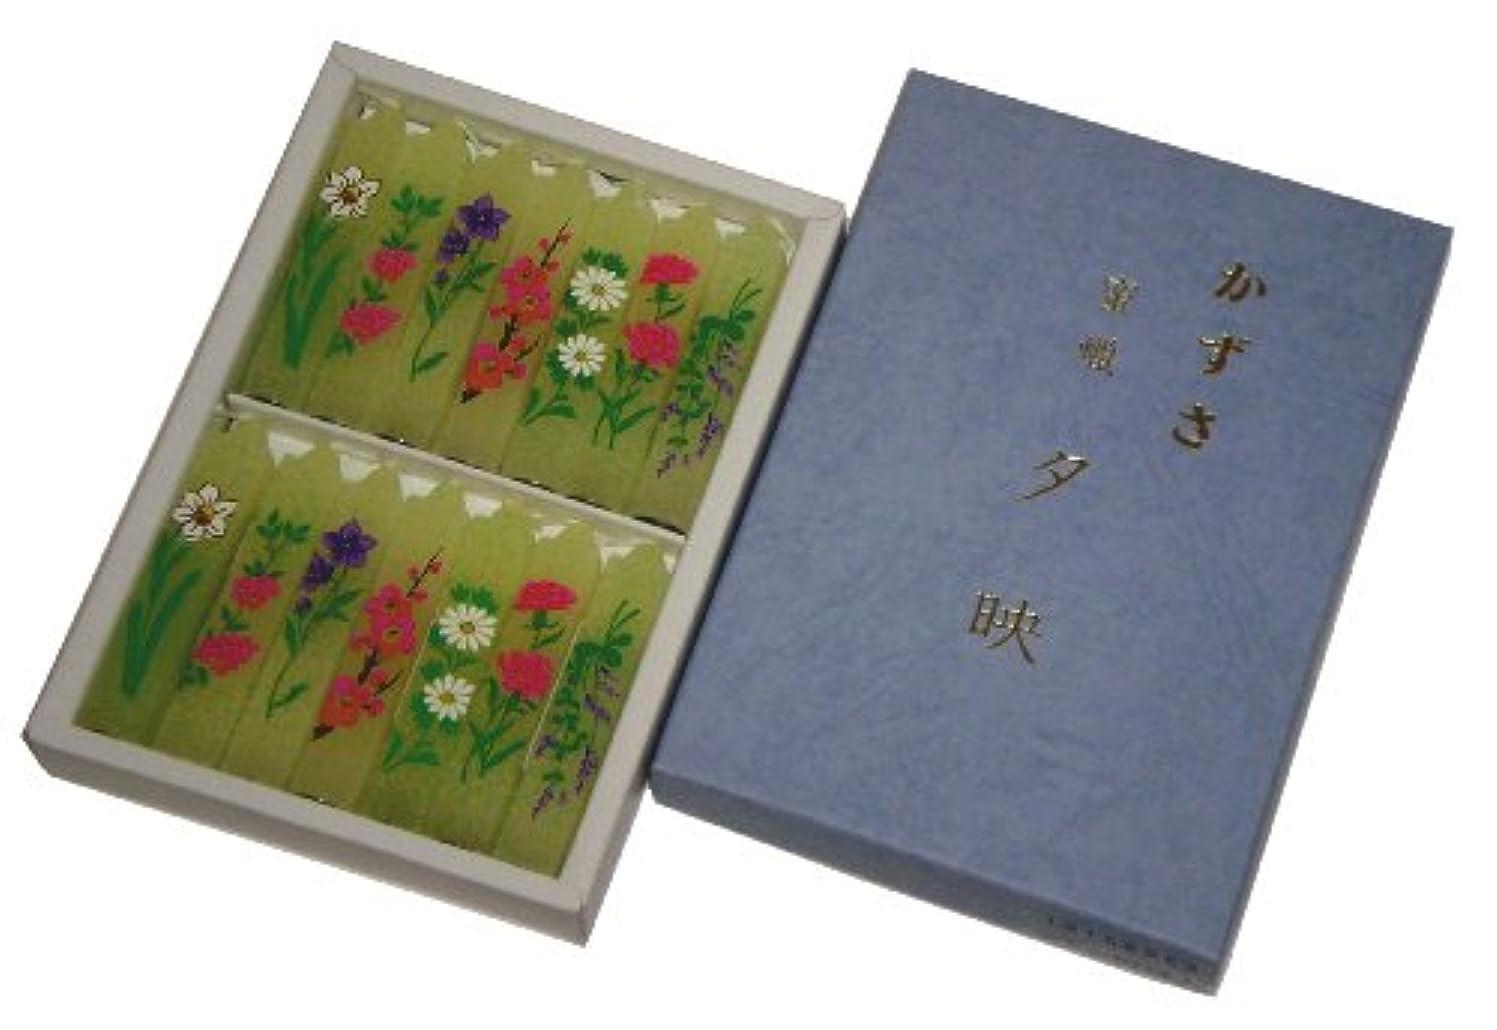 眠りケーキやめる鳥居のローソク 蜜蝋小夕映 アソート14本(かずさ替) 磁石付 #100960